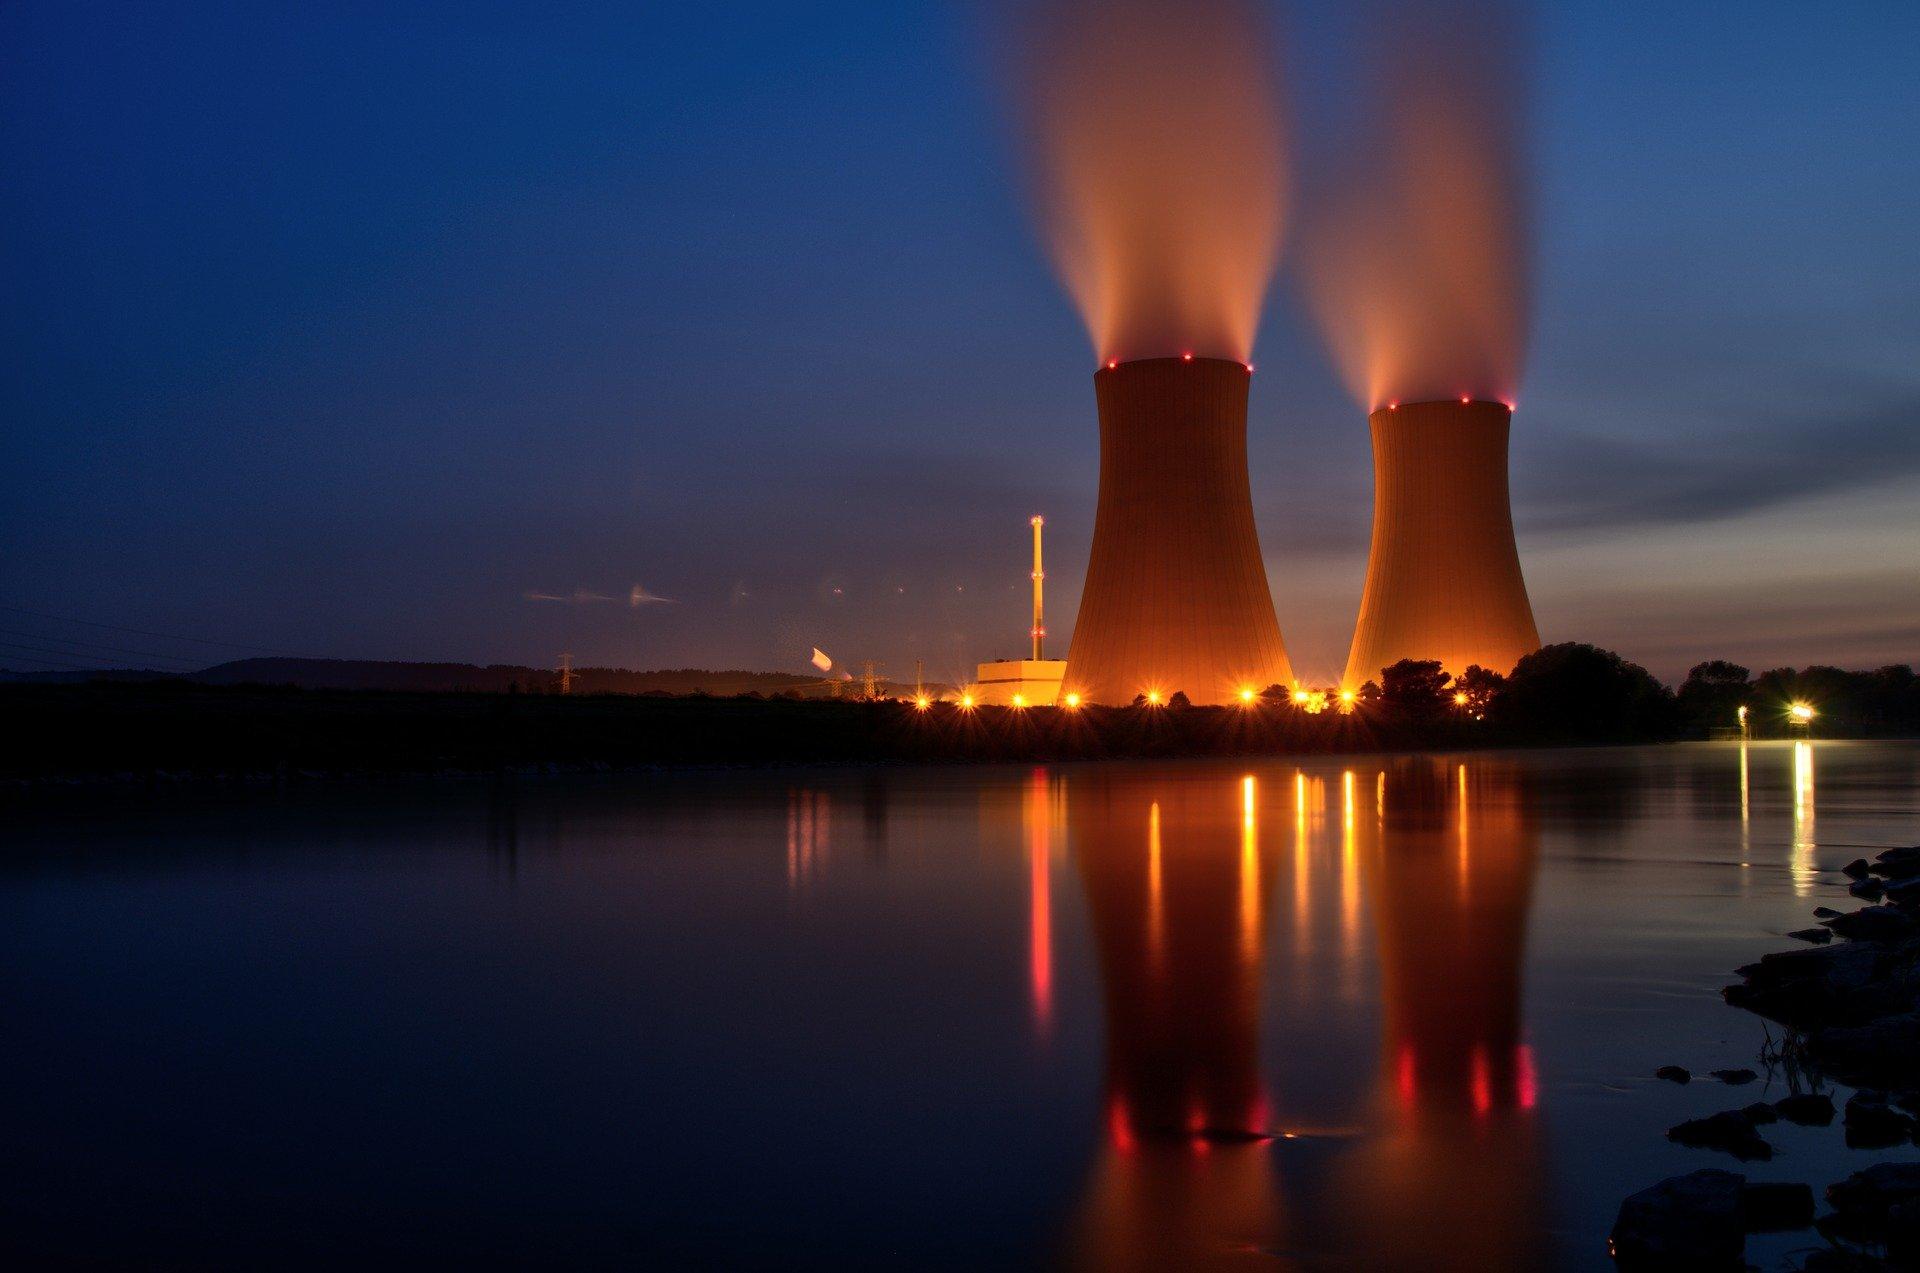 ترسخ الطاقة النووية قدمها كمصدر نظيف للطاقة